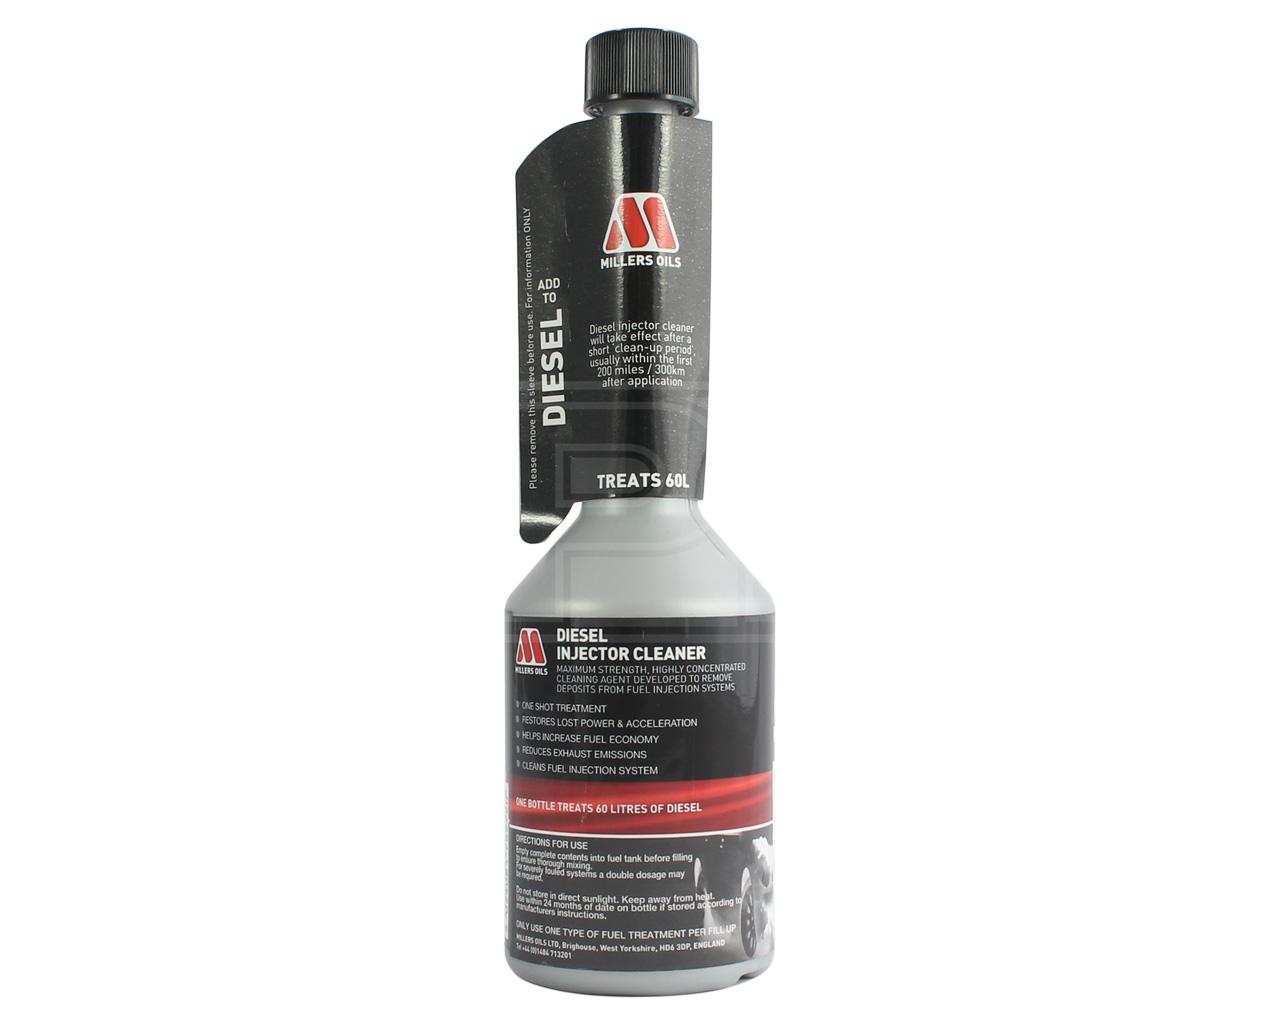 Millers Oils Diesel Injector Cleaner